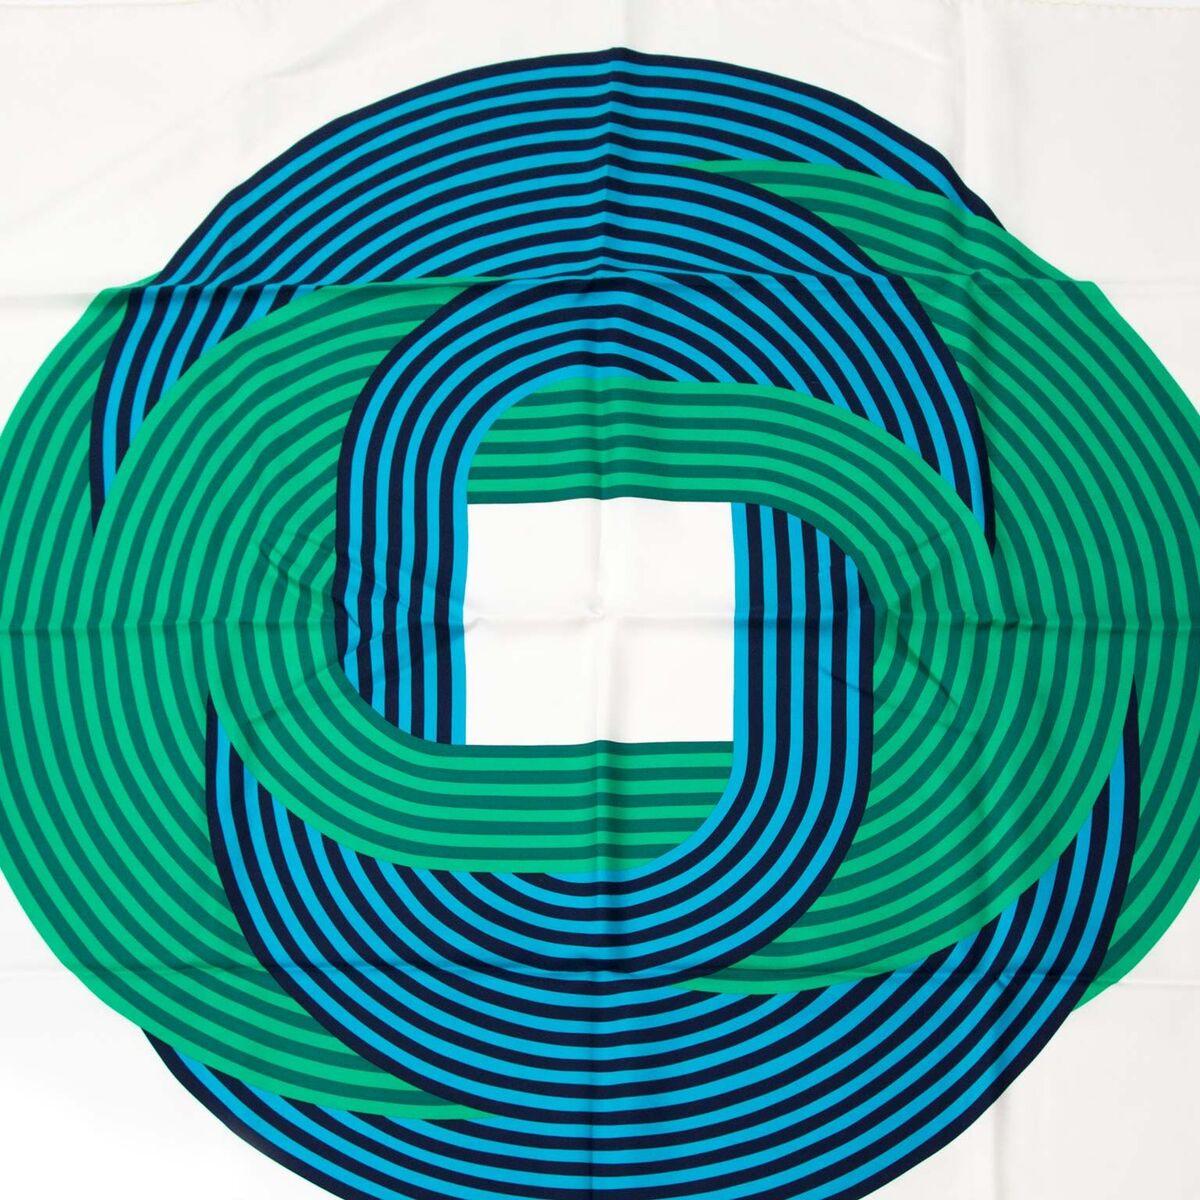 Koop authentieke tweedehands Hermès carré in blauw en groen aan een eerlijke prijs bij LabelLOV. Veilig online shoppen. Luxe merken aan een goede prijs.